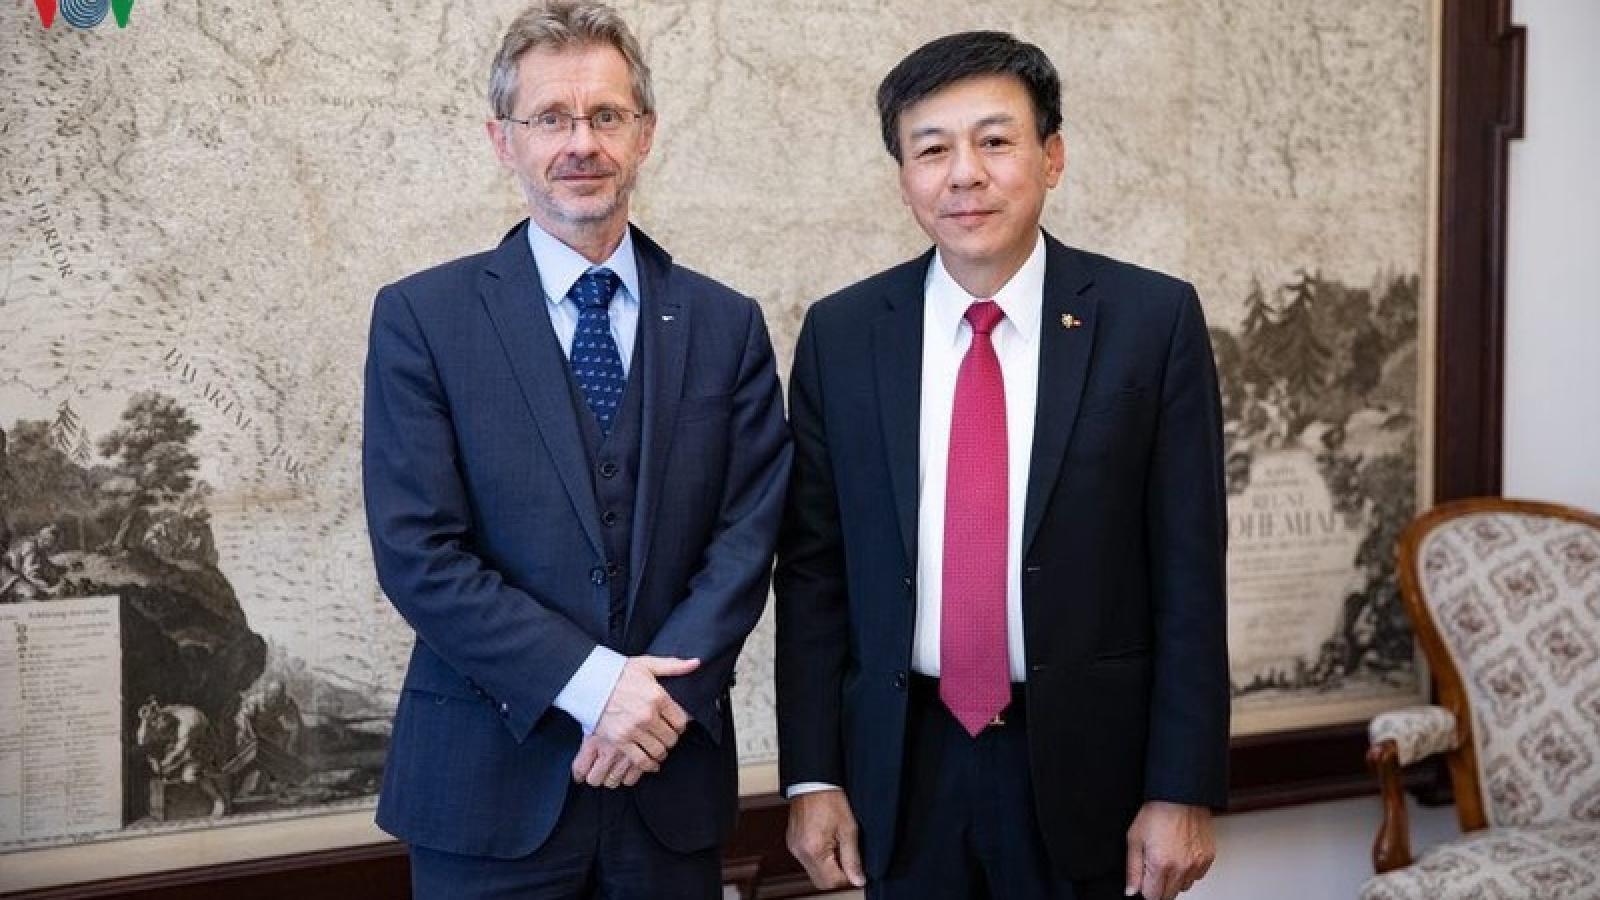 Đại sứ Việt Nam gặp gỡ lãnh đạo cấp cao Cộng hòa Séc